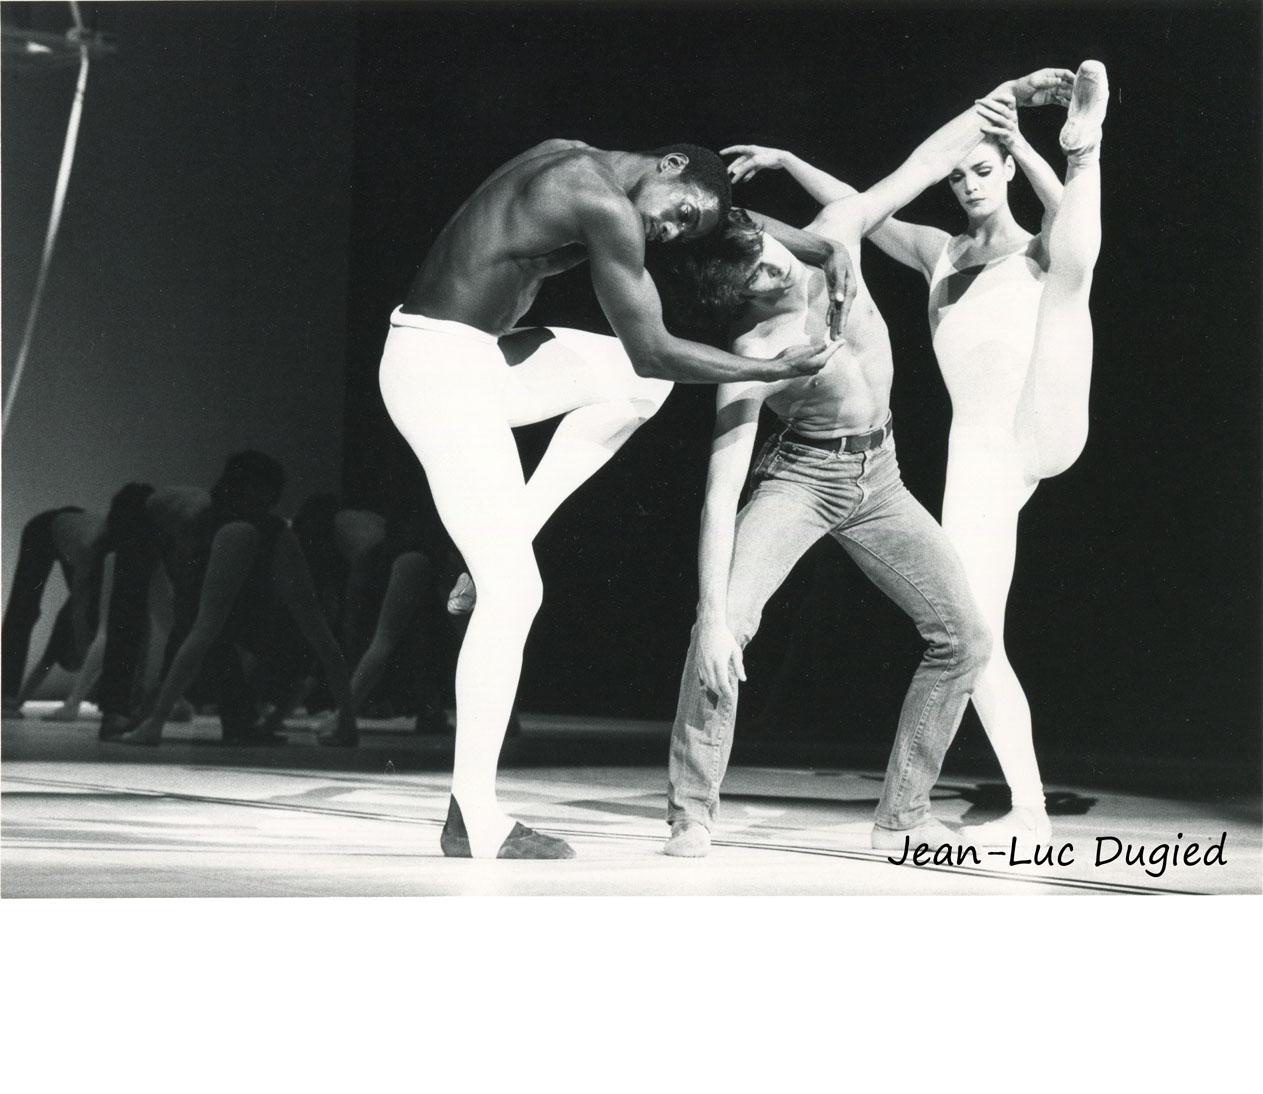 24 Béjart Maurice - messe pour le temps futur - Ronald Perry, Gil Roman et Schonach Mirk - 1984